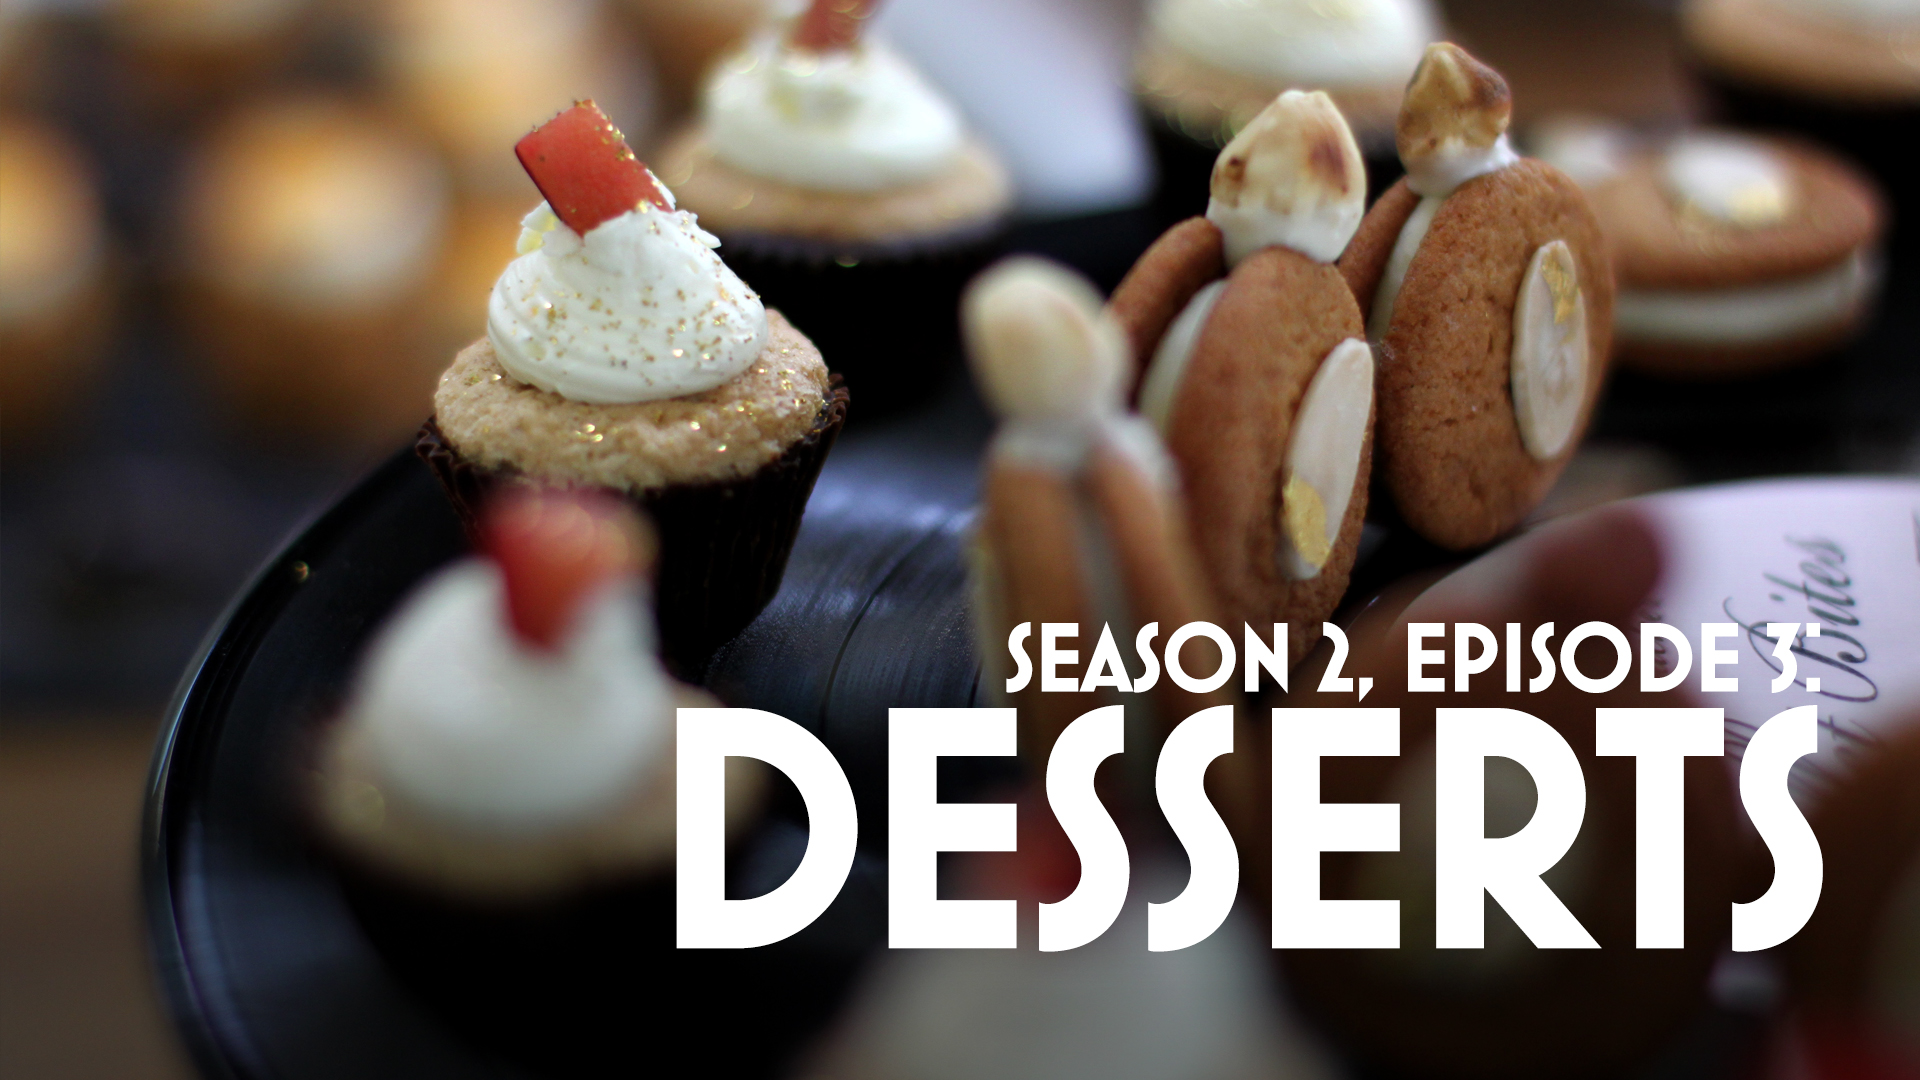 Episode 3: Desserts